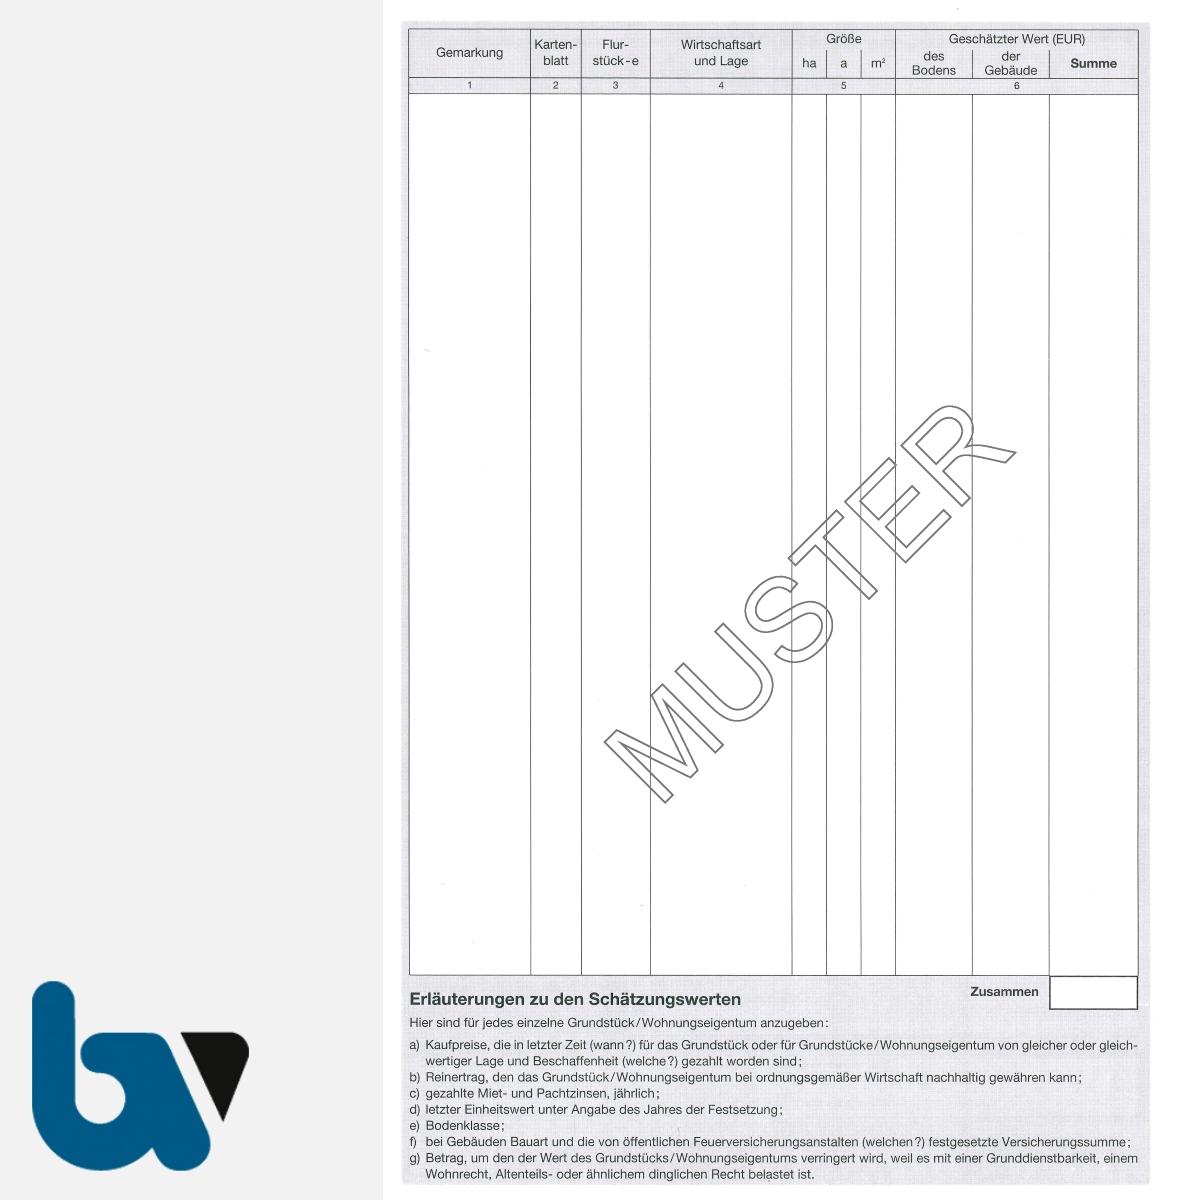 3/186-2a Schätzungsurkunde Grundstück Wohnungseigentum Inventar Ortsgericht Hessen Solo DIN A4 Seite 2 | Borgard Verlag GmbH